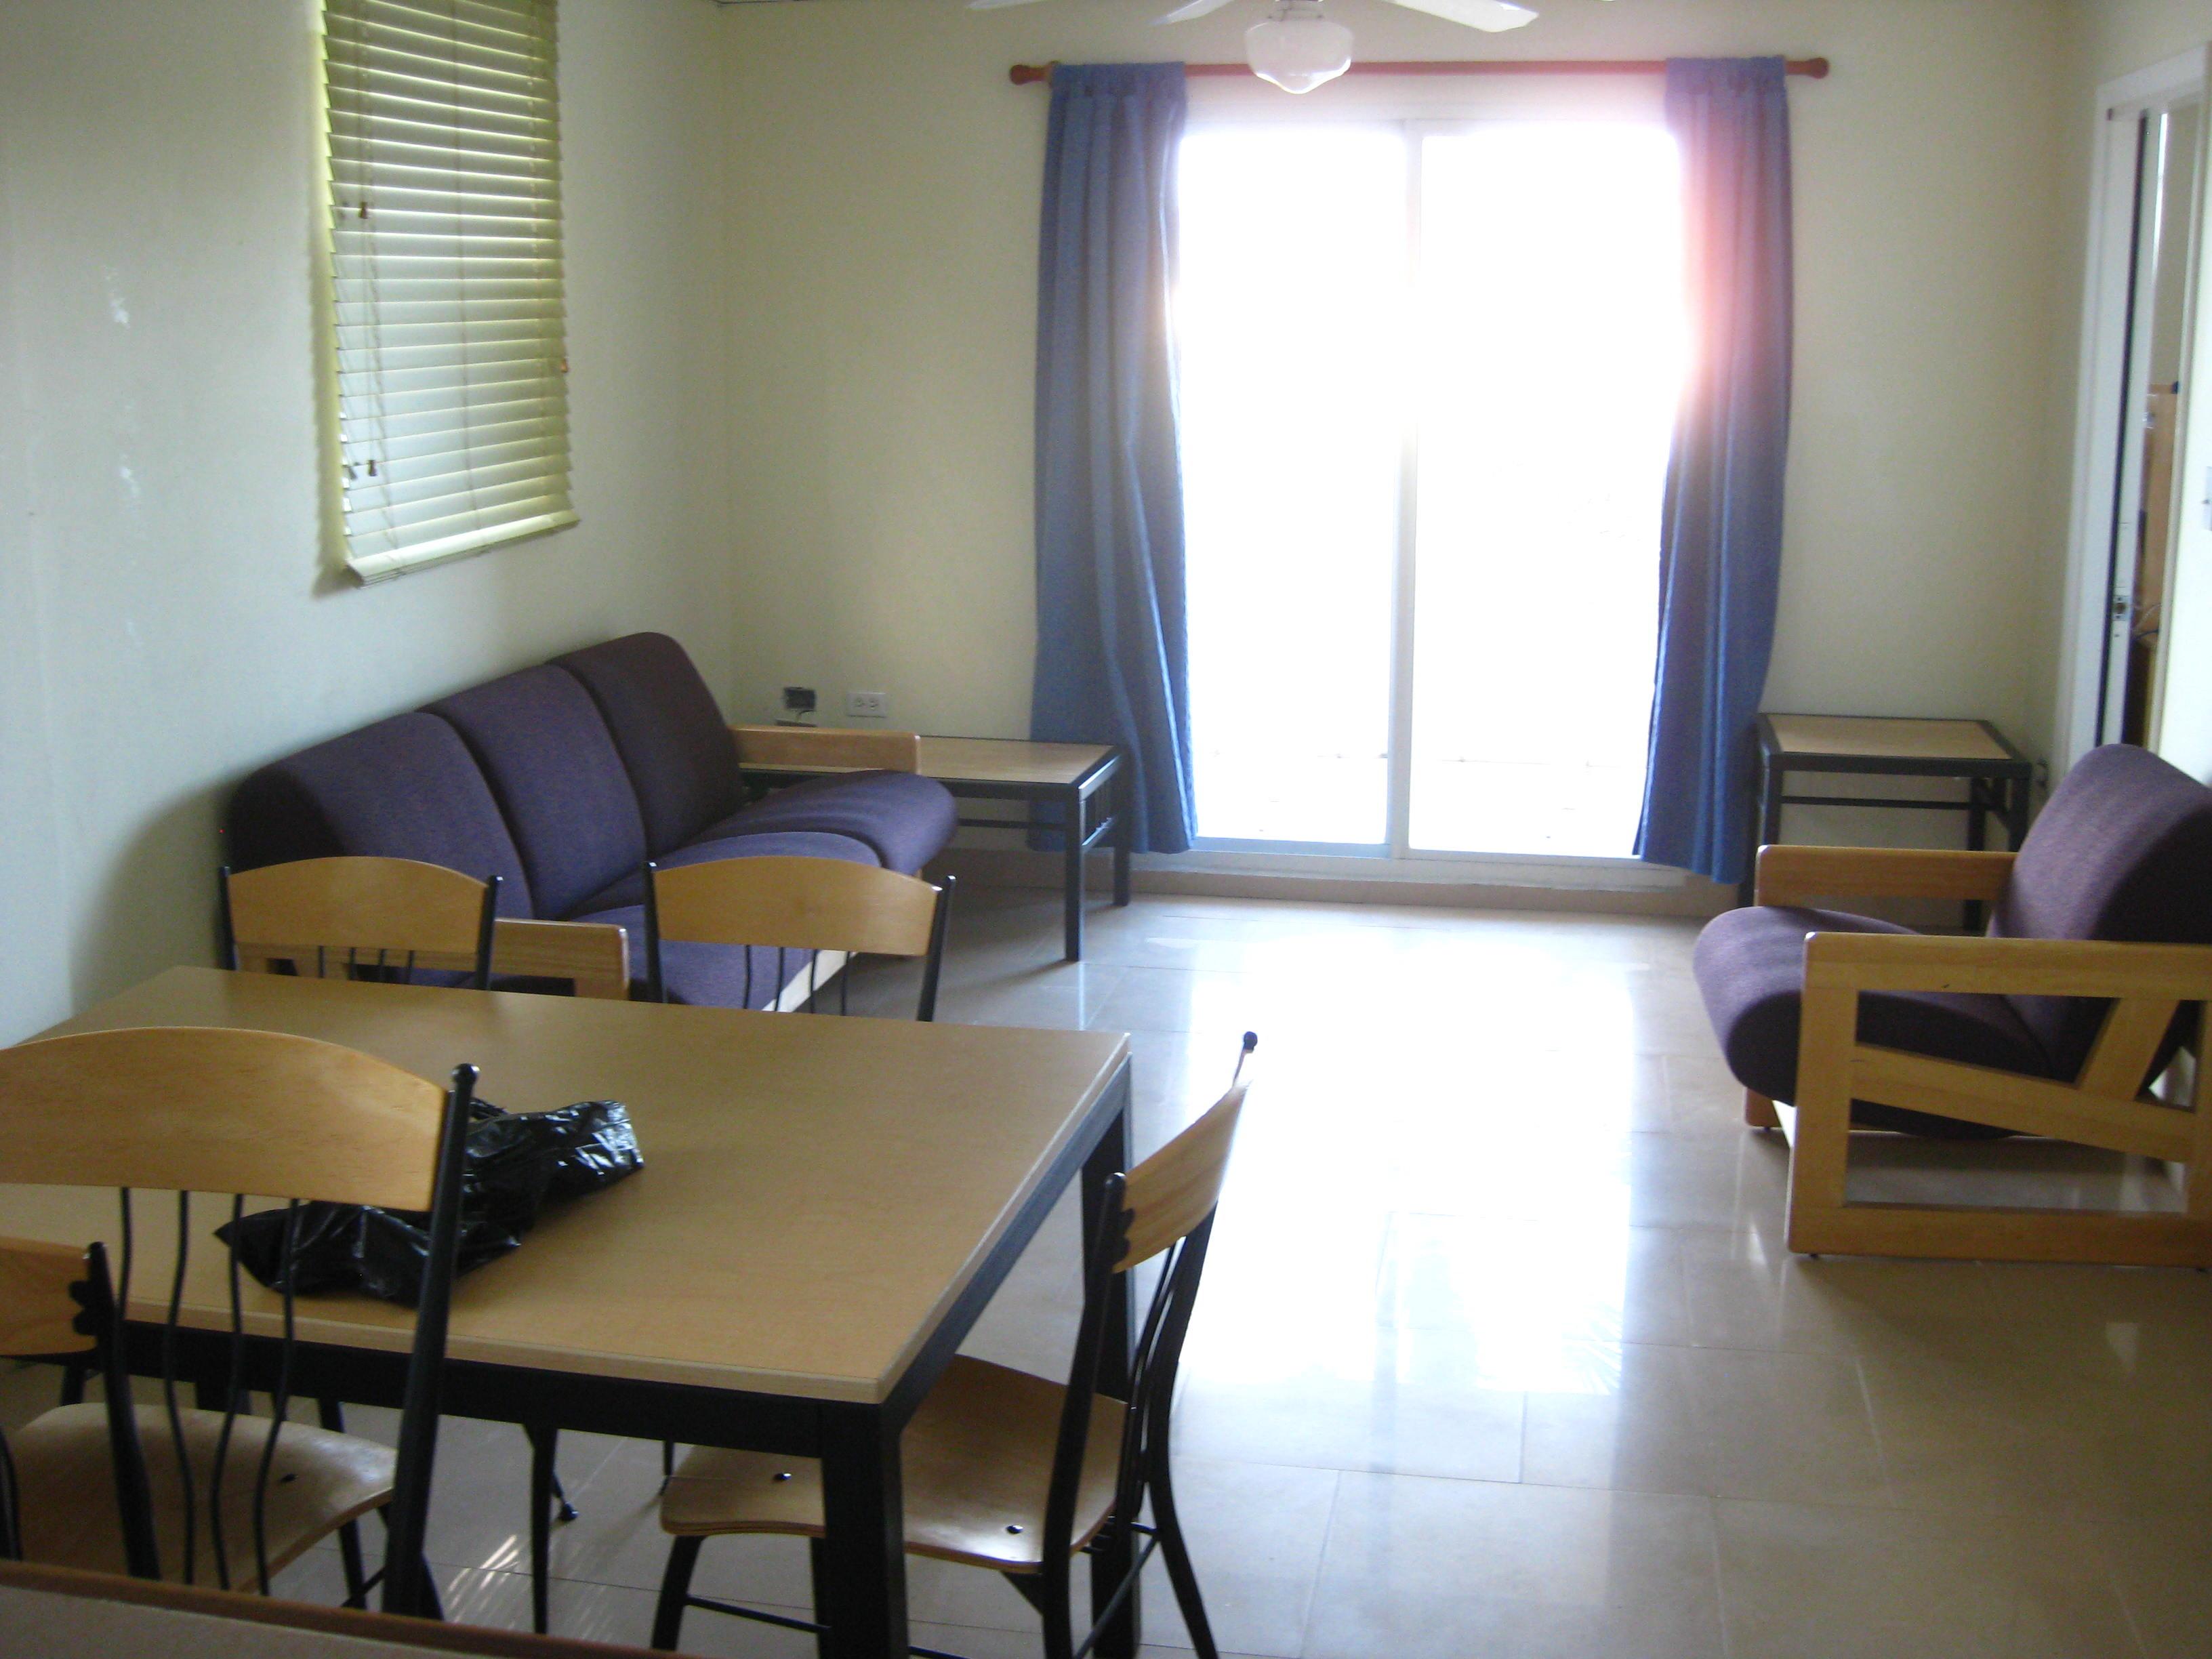 Dorm Living Room - Home Design - Game-hay.us